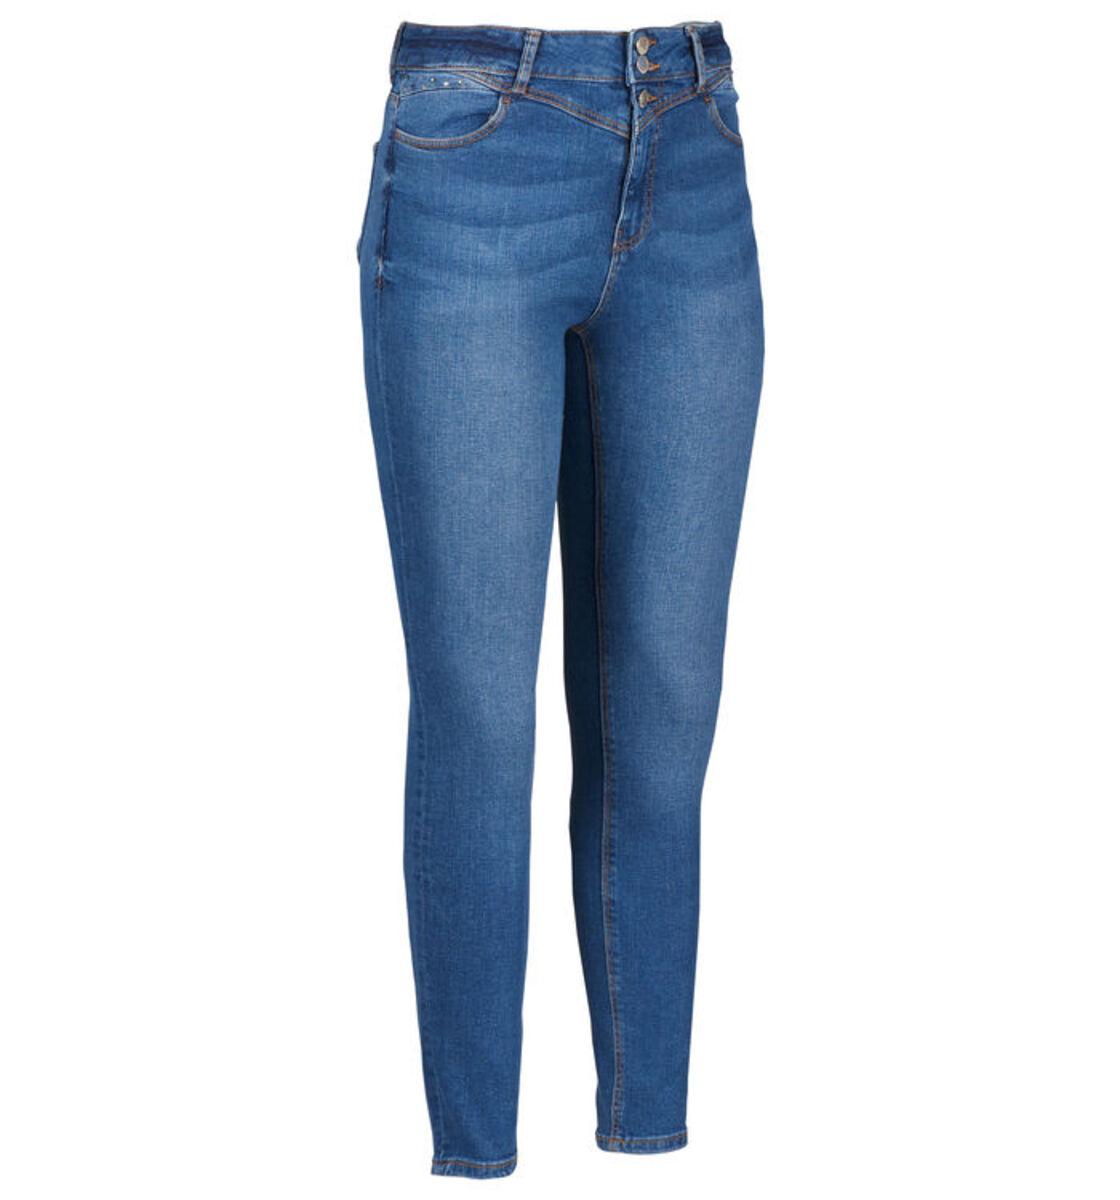 Bild 3 von Jeans